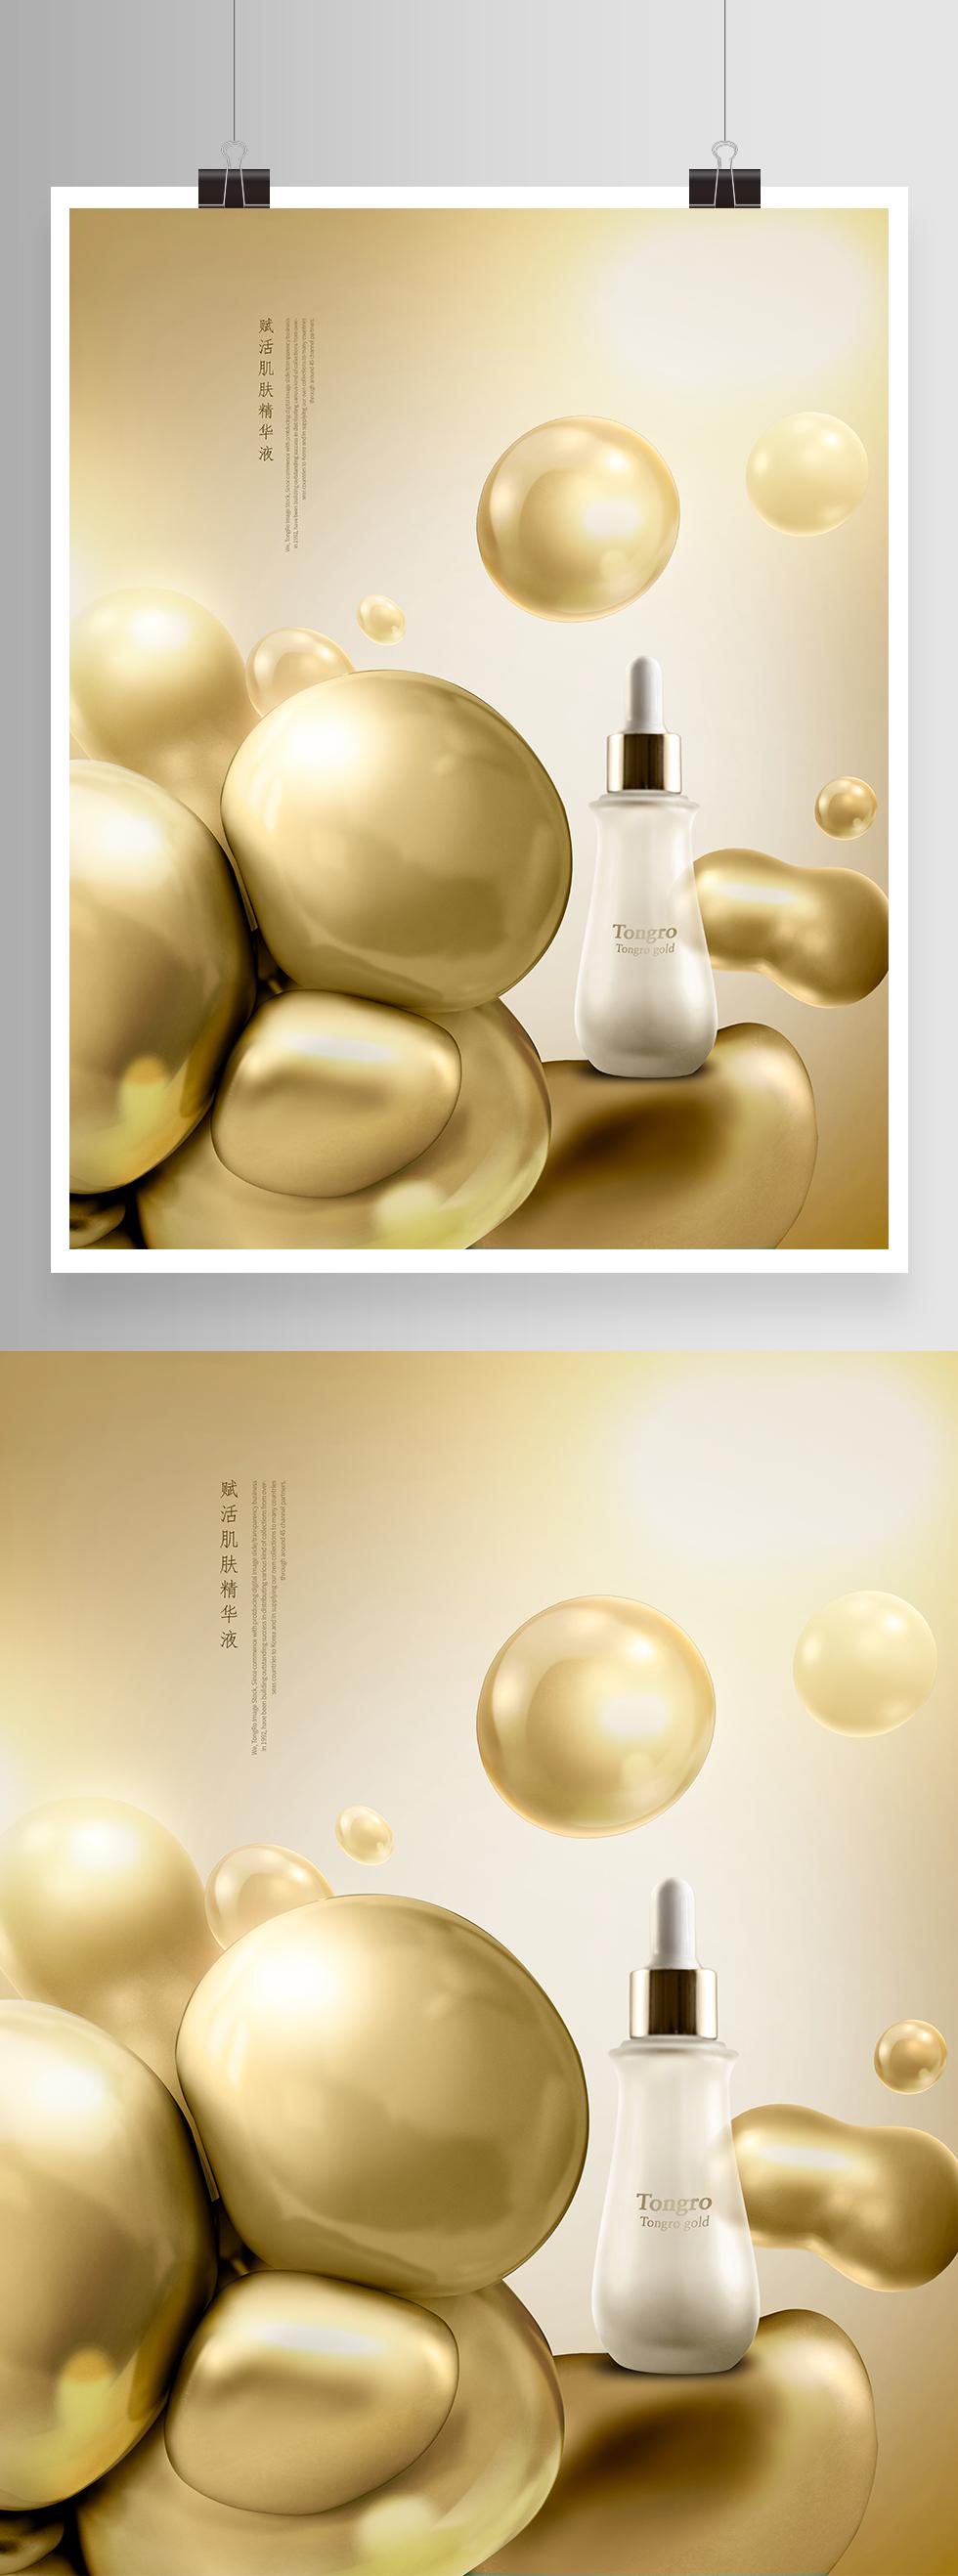 高端金色化妆品护肤品精华水滴海报背景psd分层设计素材(5)